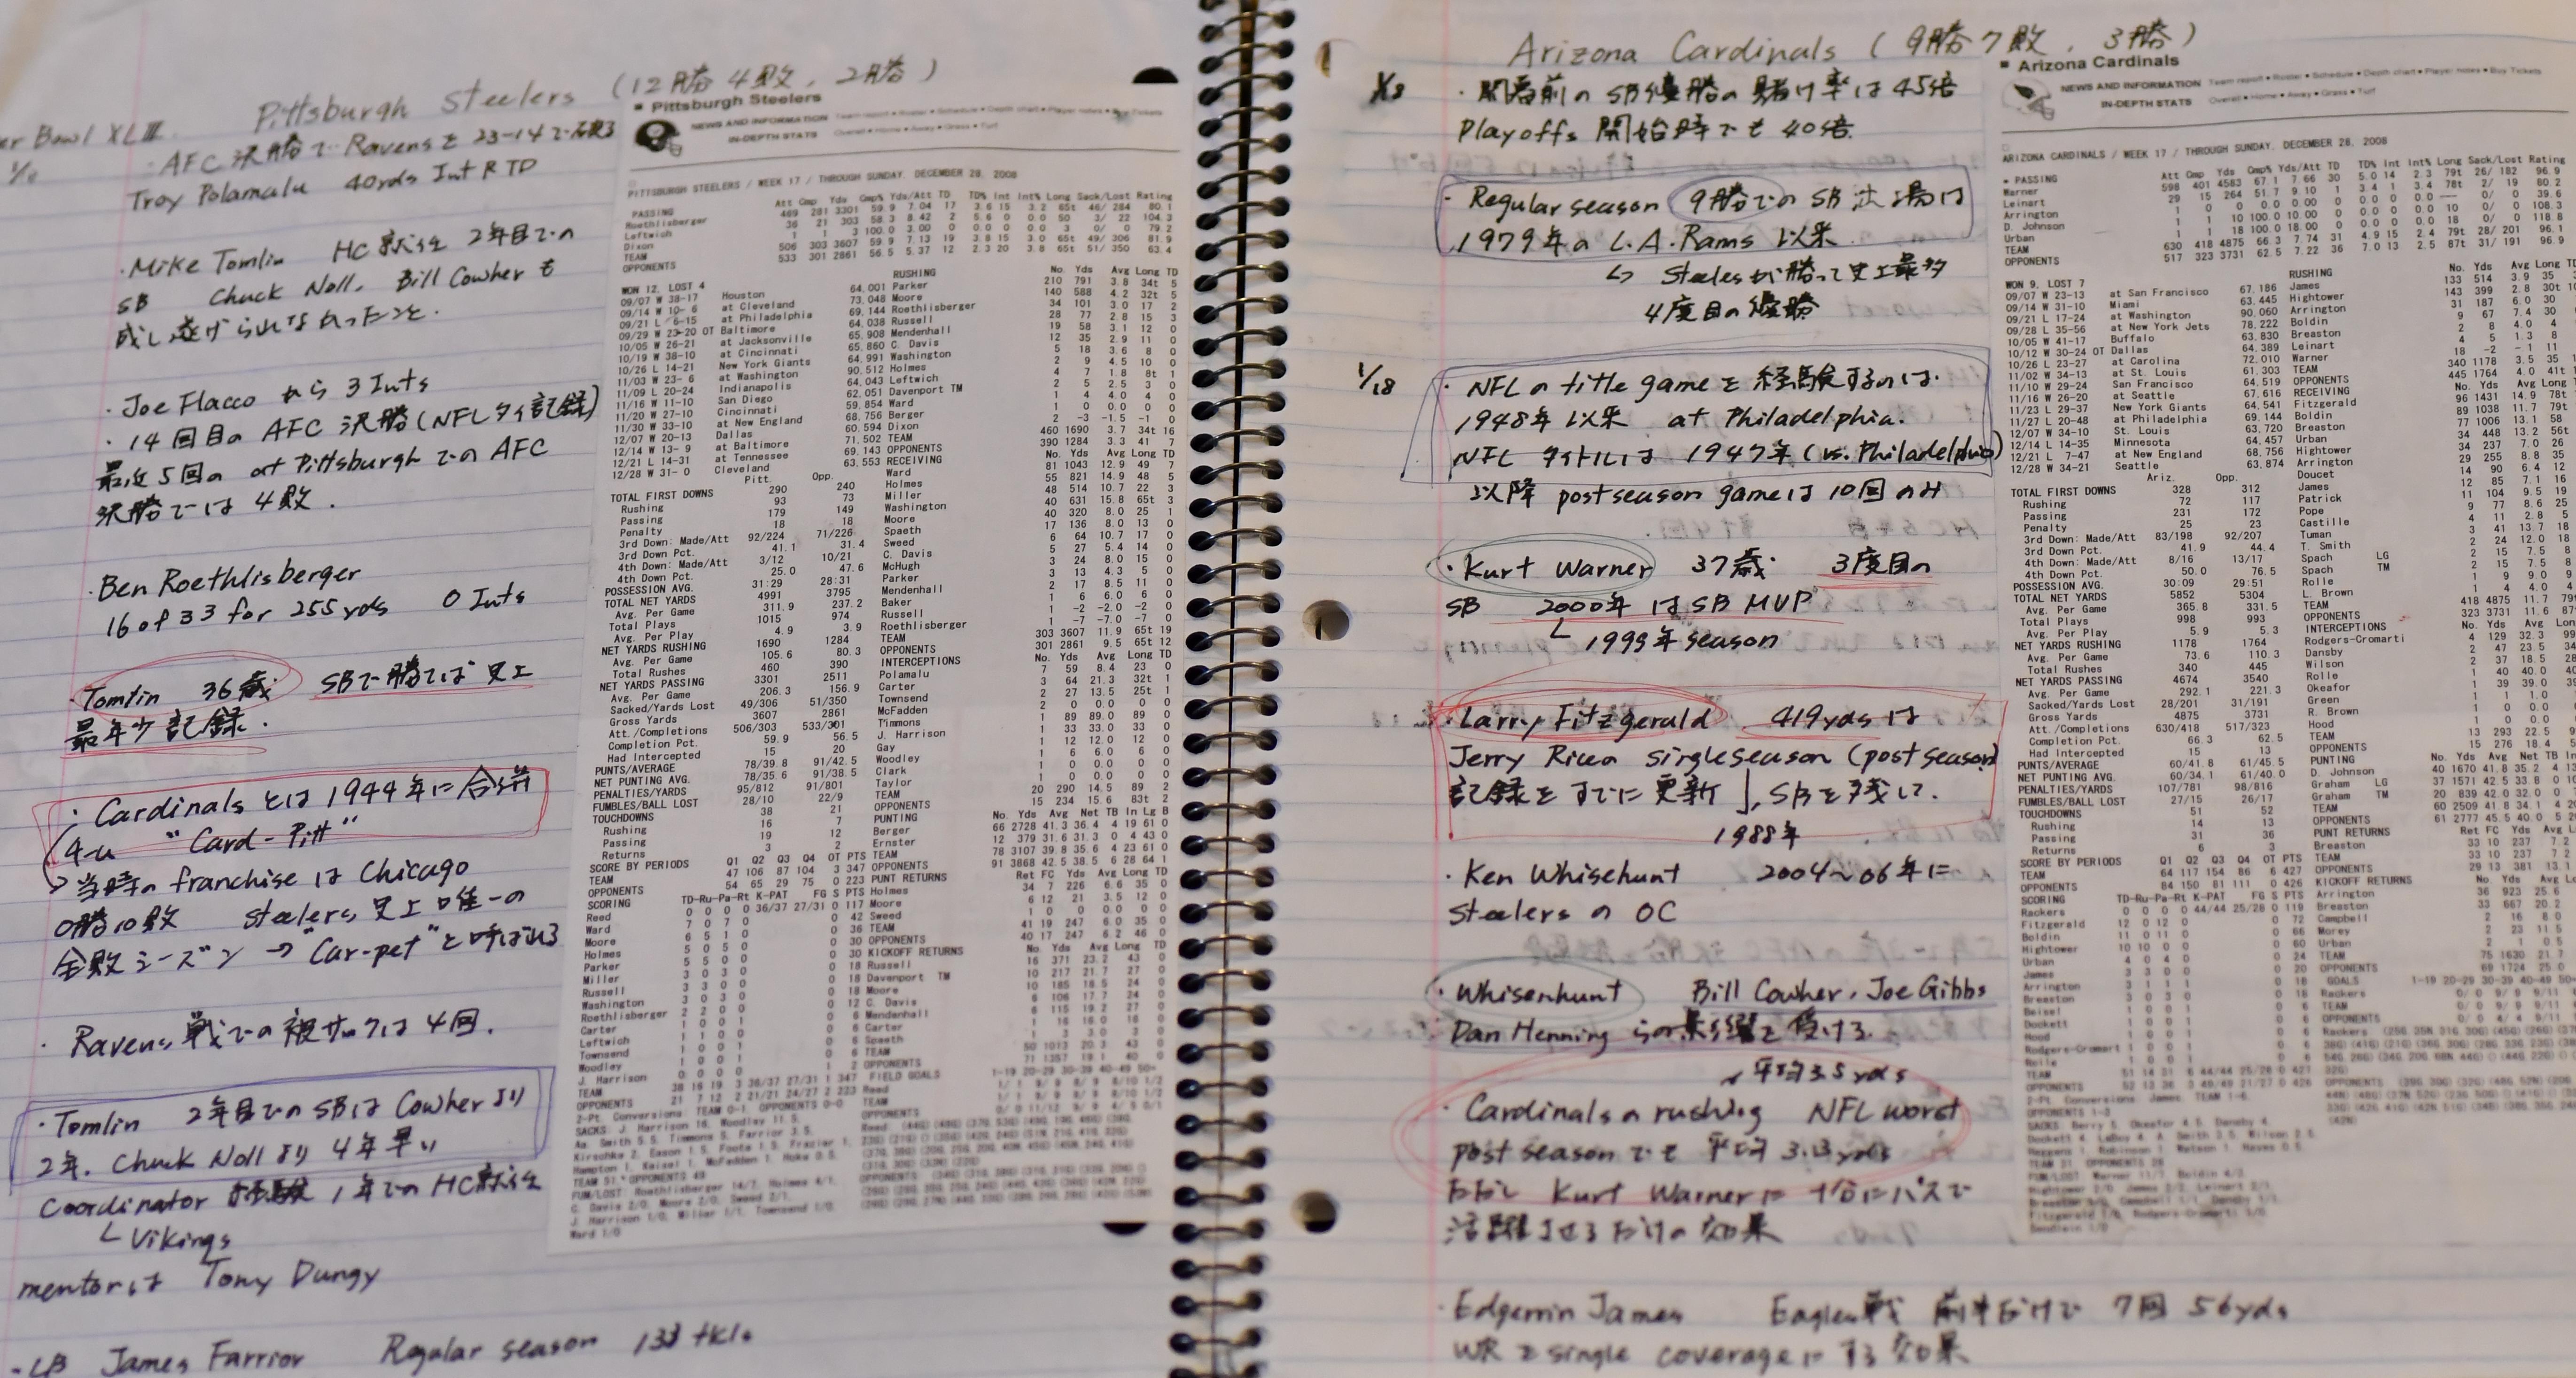 NFL選手の細かい情報やリーグの歴史などが書かれた「ネタ帳」は、筆者にとって心強い味方=提供・生沢浩さん